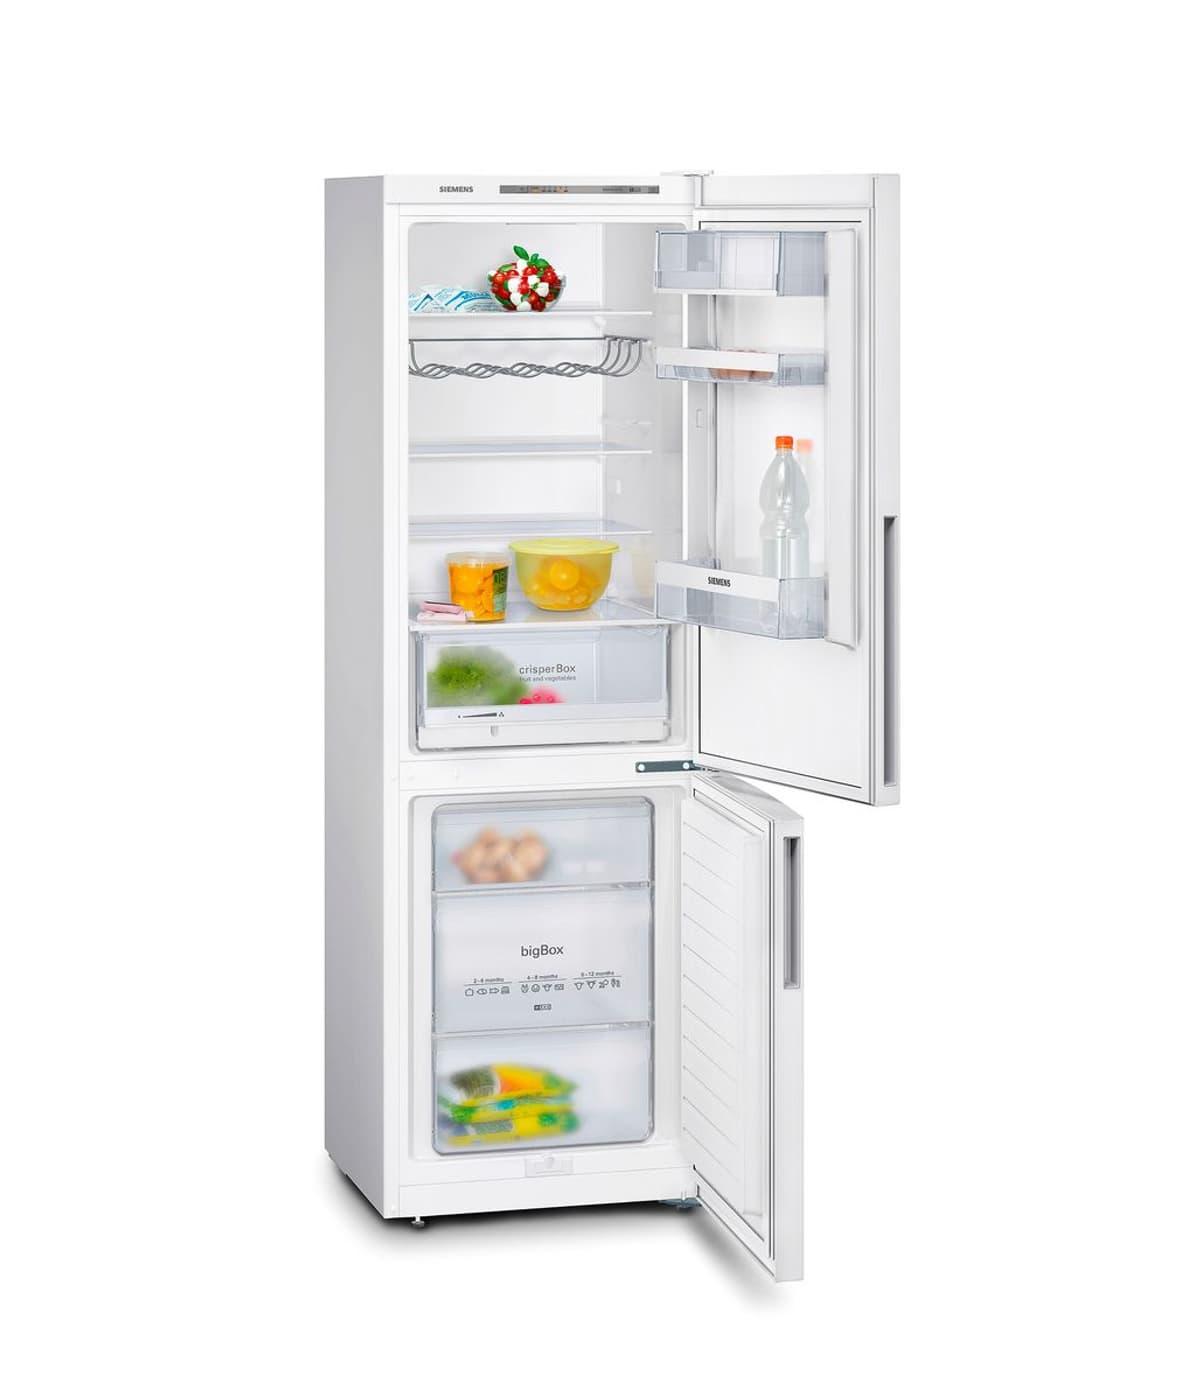 Siemens KG36VVW30 Kombi-Kühlschrank | Migros